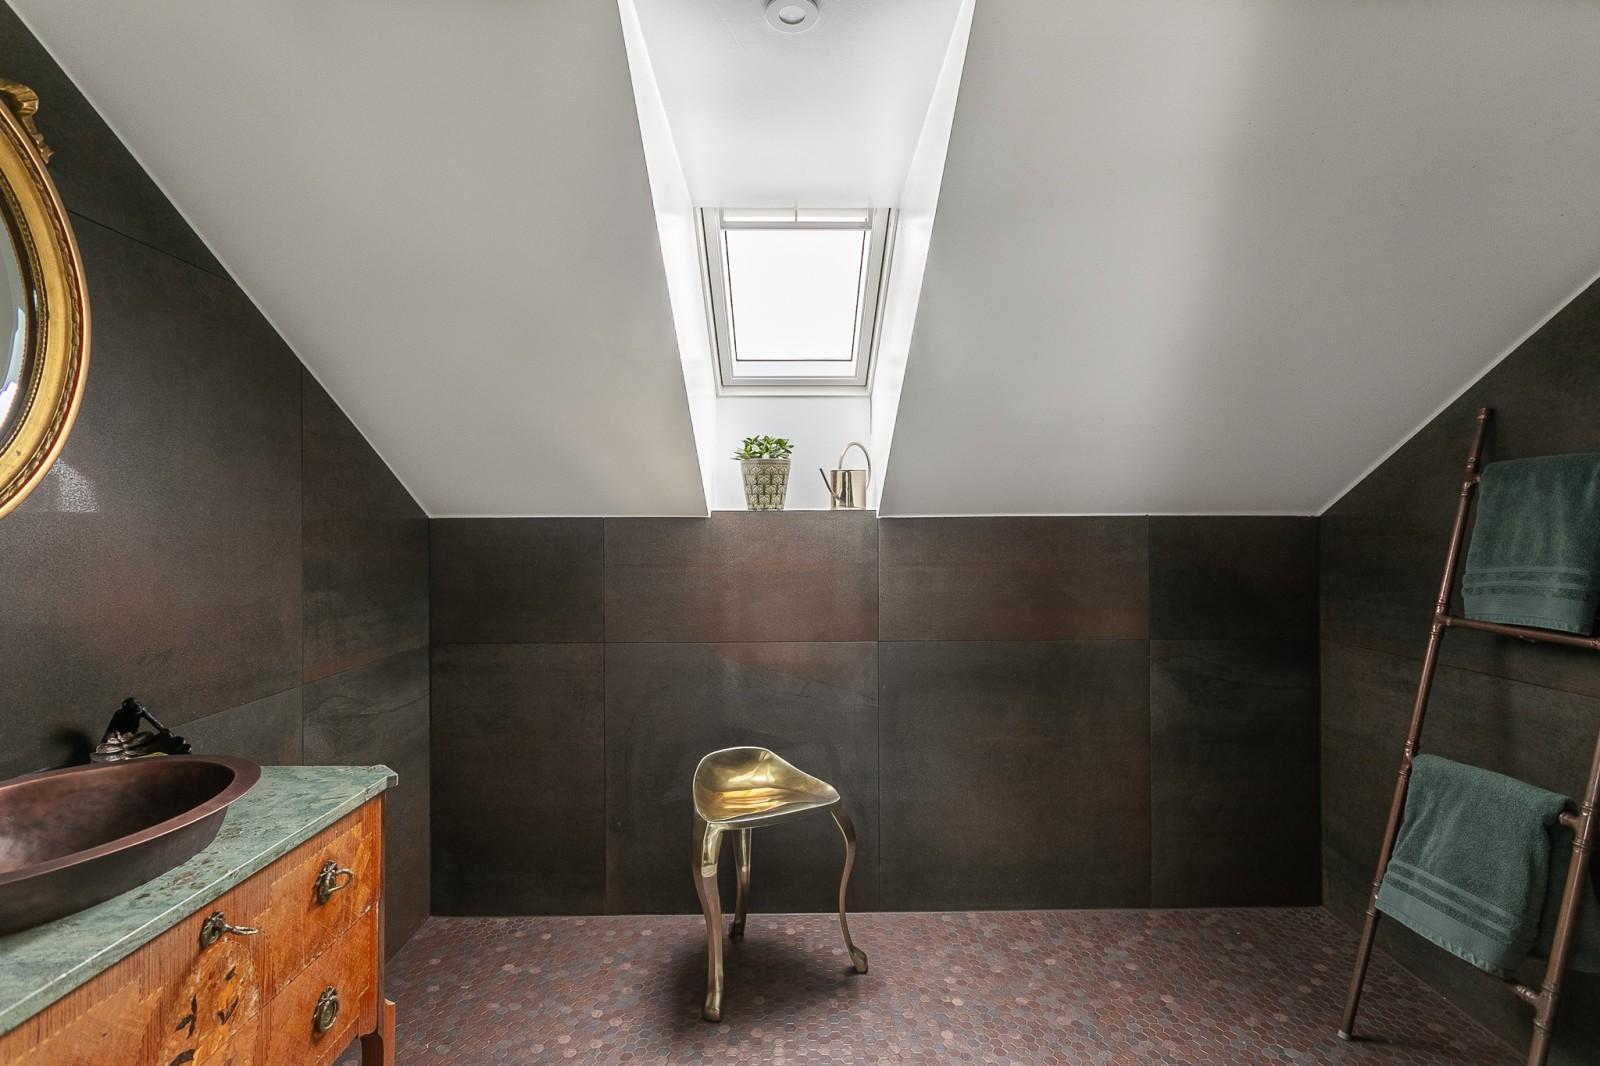 Dusch och WC på vinden..